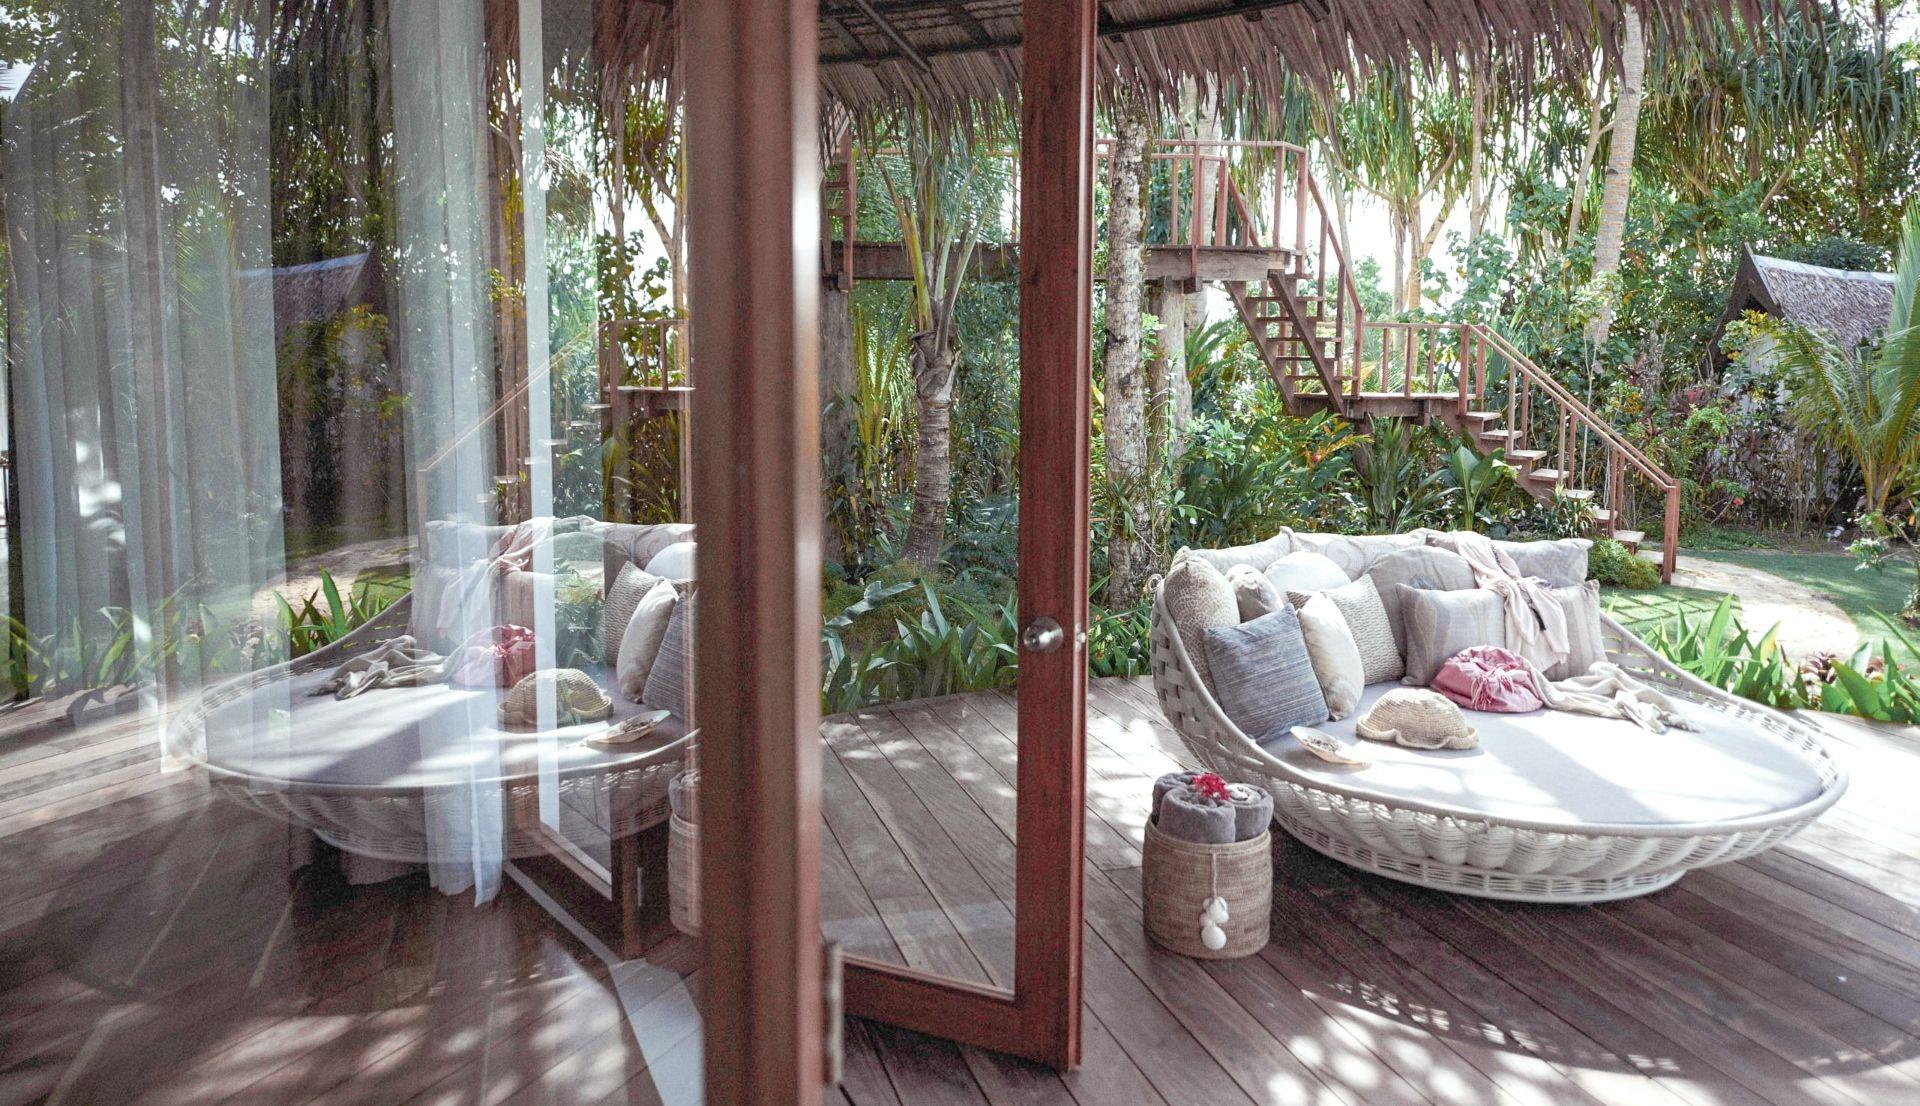 Perlah Villa terrace